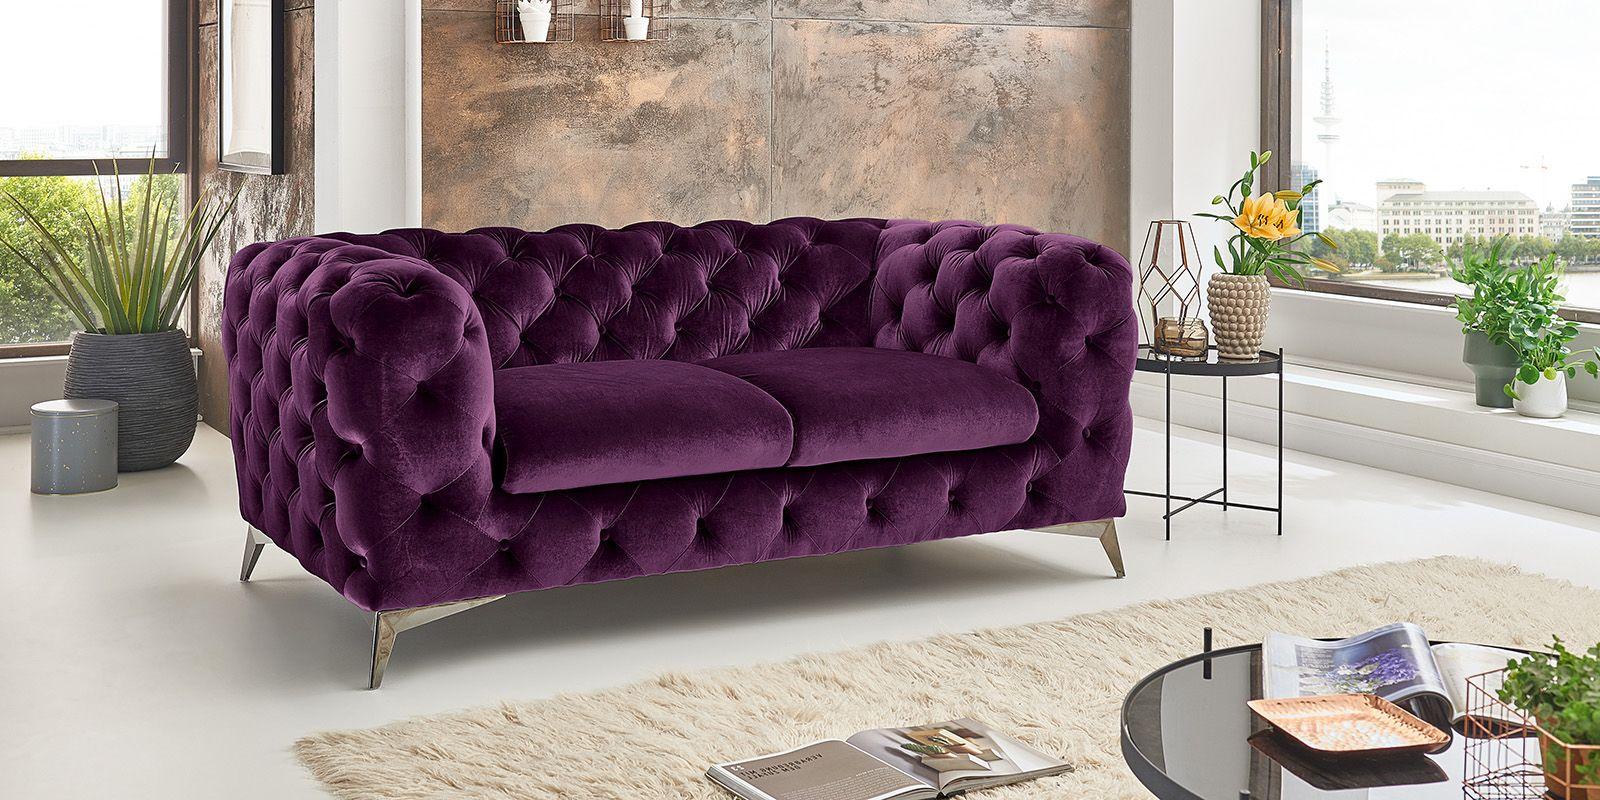 Full Size of Sofa Lila 2 Sitzer Chesterfield Big Emma Samt Purple Grünes Hersteller Reiniger Kleines Wohnzimmer Marken Rotes Mit Recamiere Mondo Megapol Zweisitzer Mega Sofa Sofa Lila